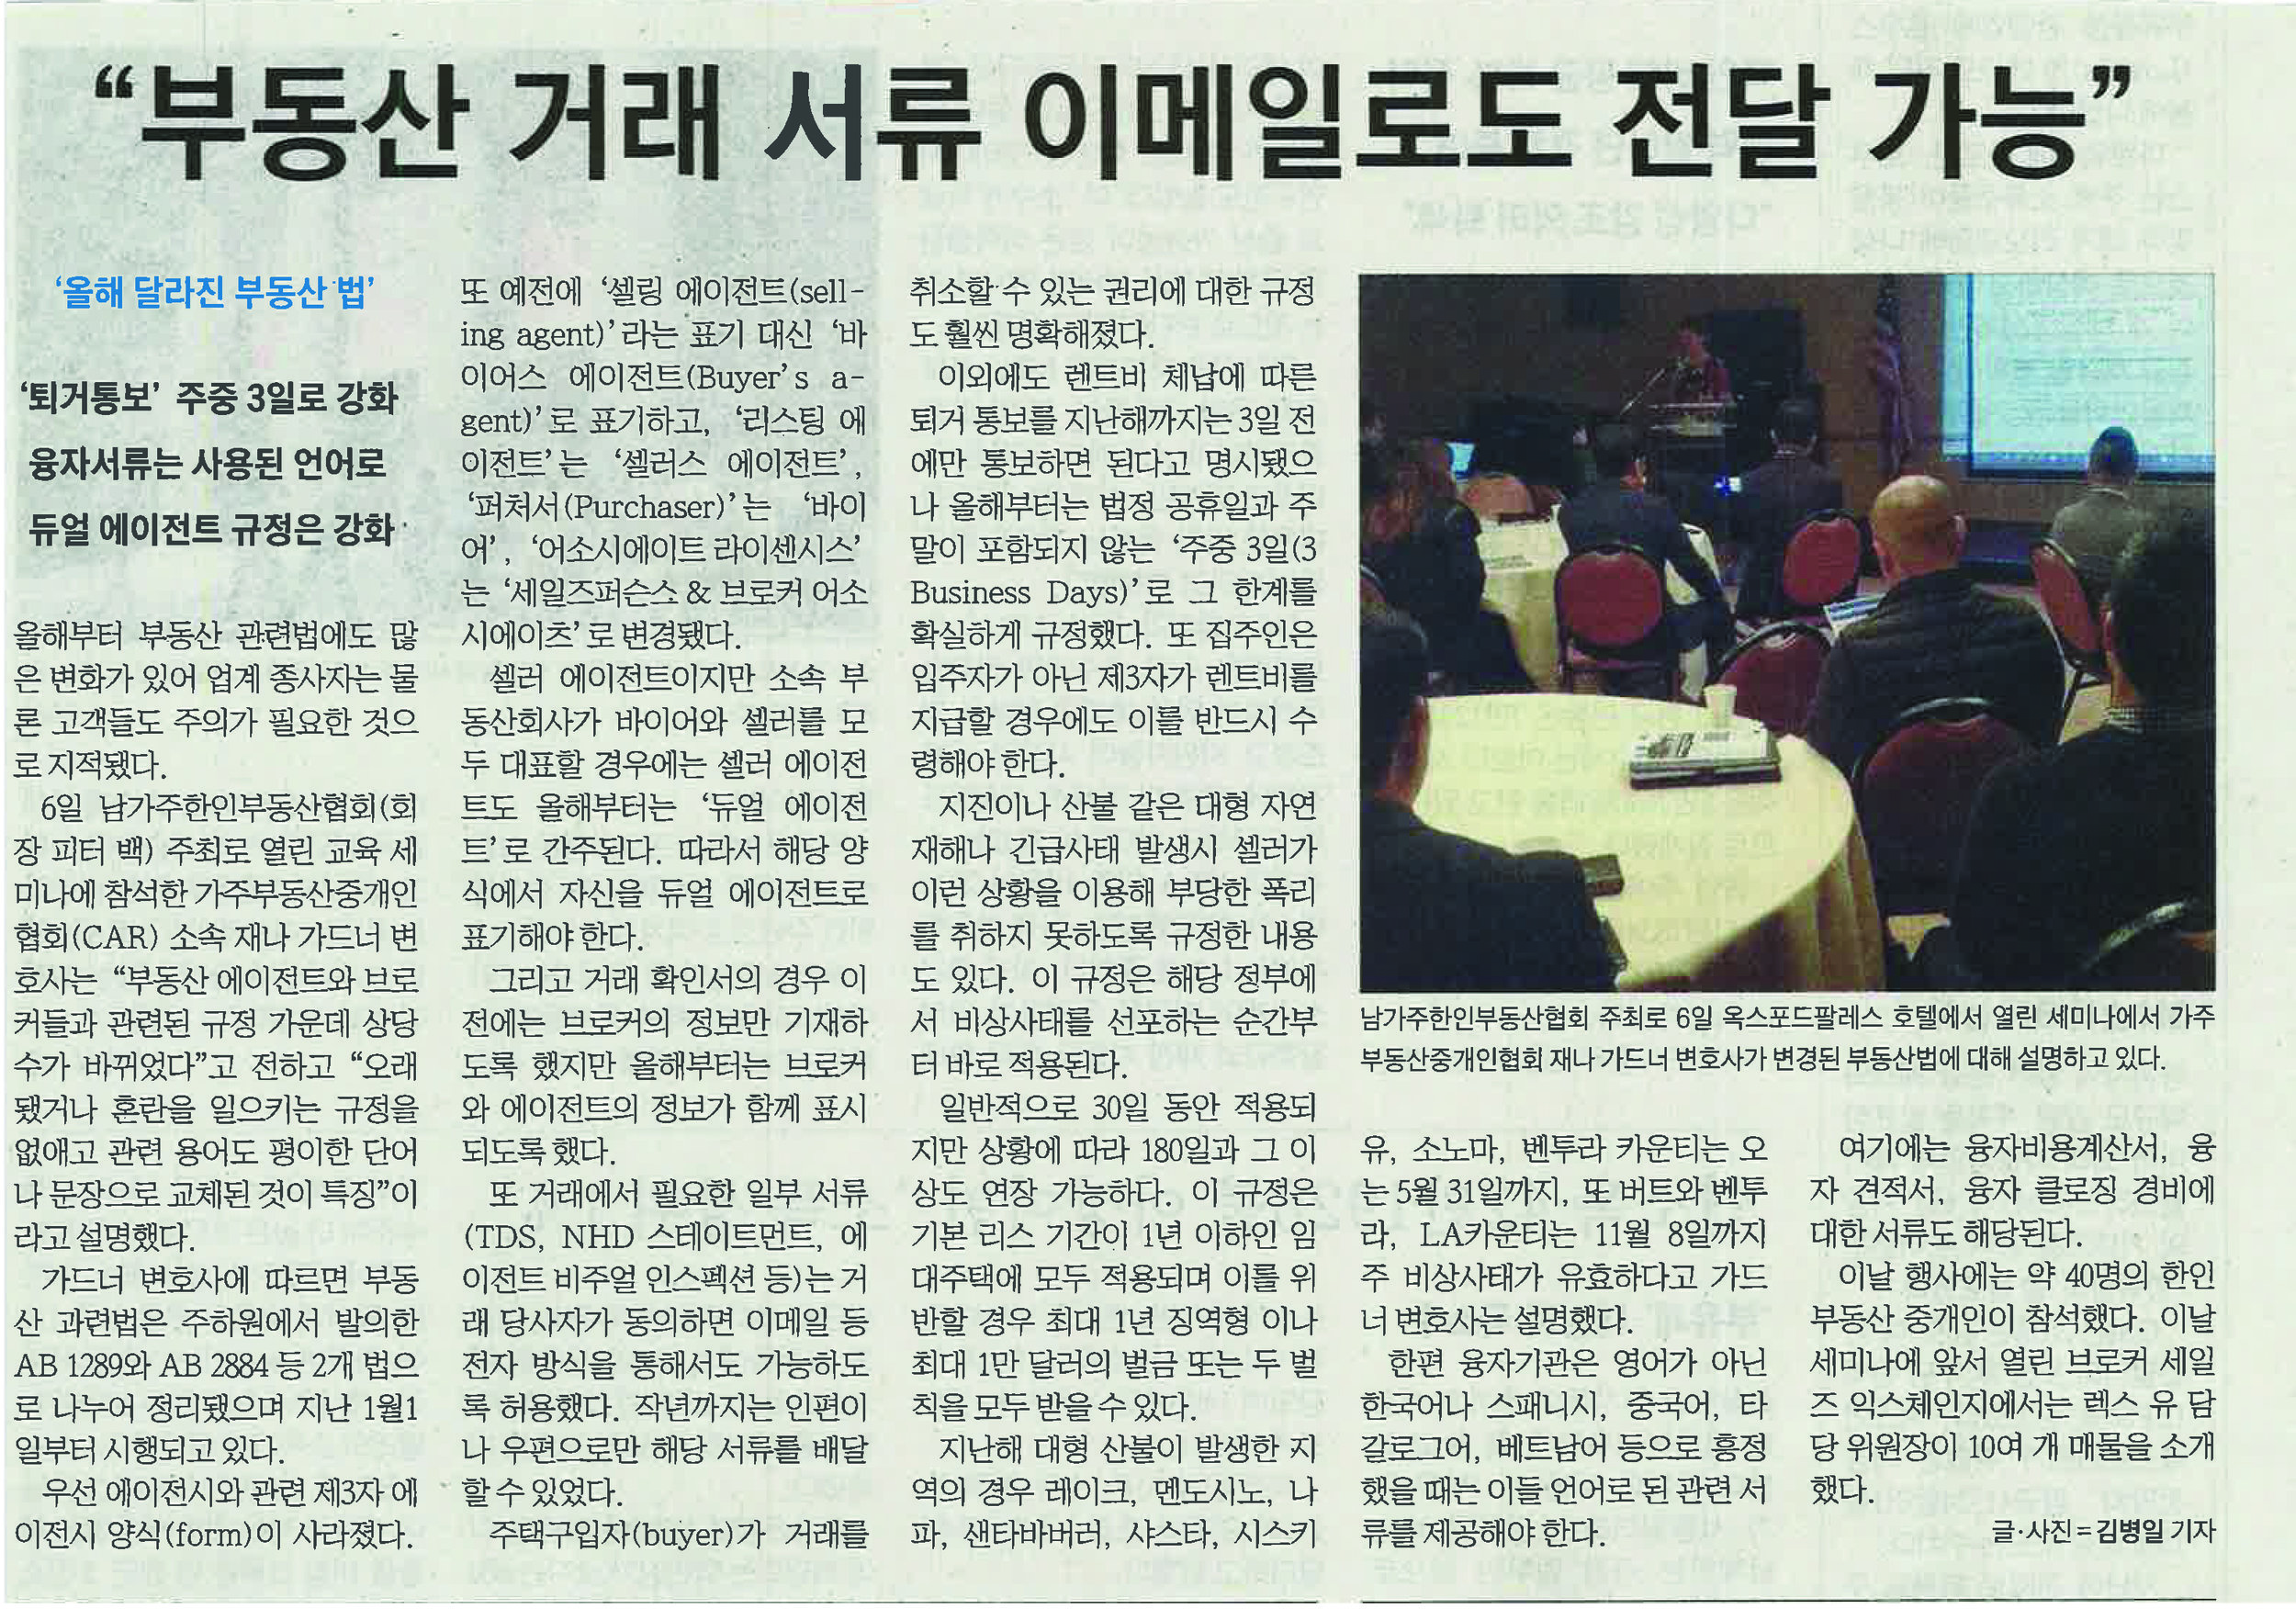 Lex_Newspaper.jpg